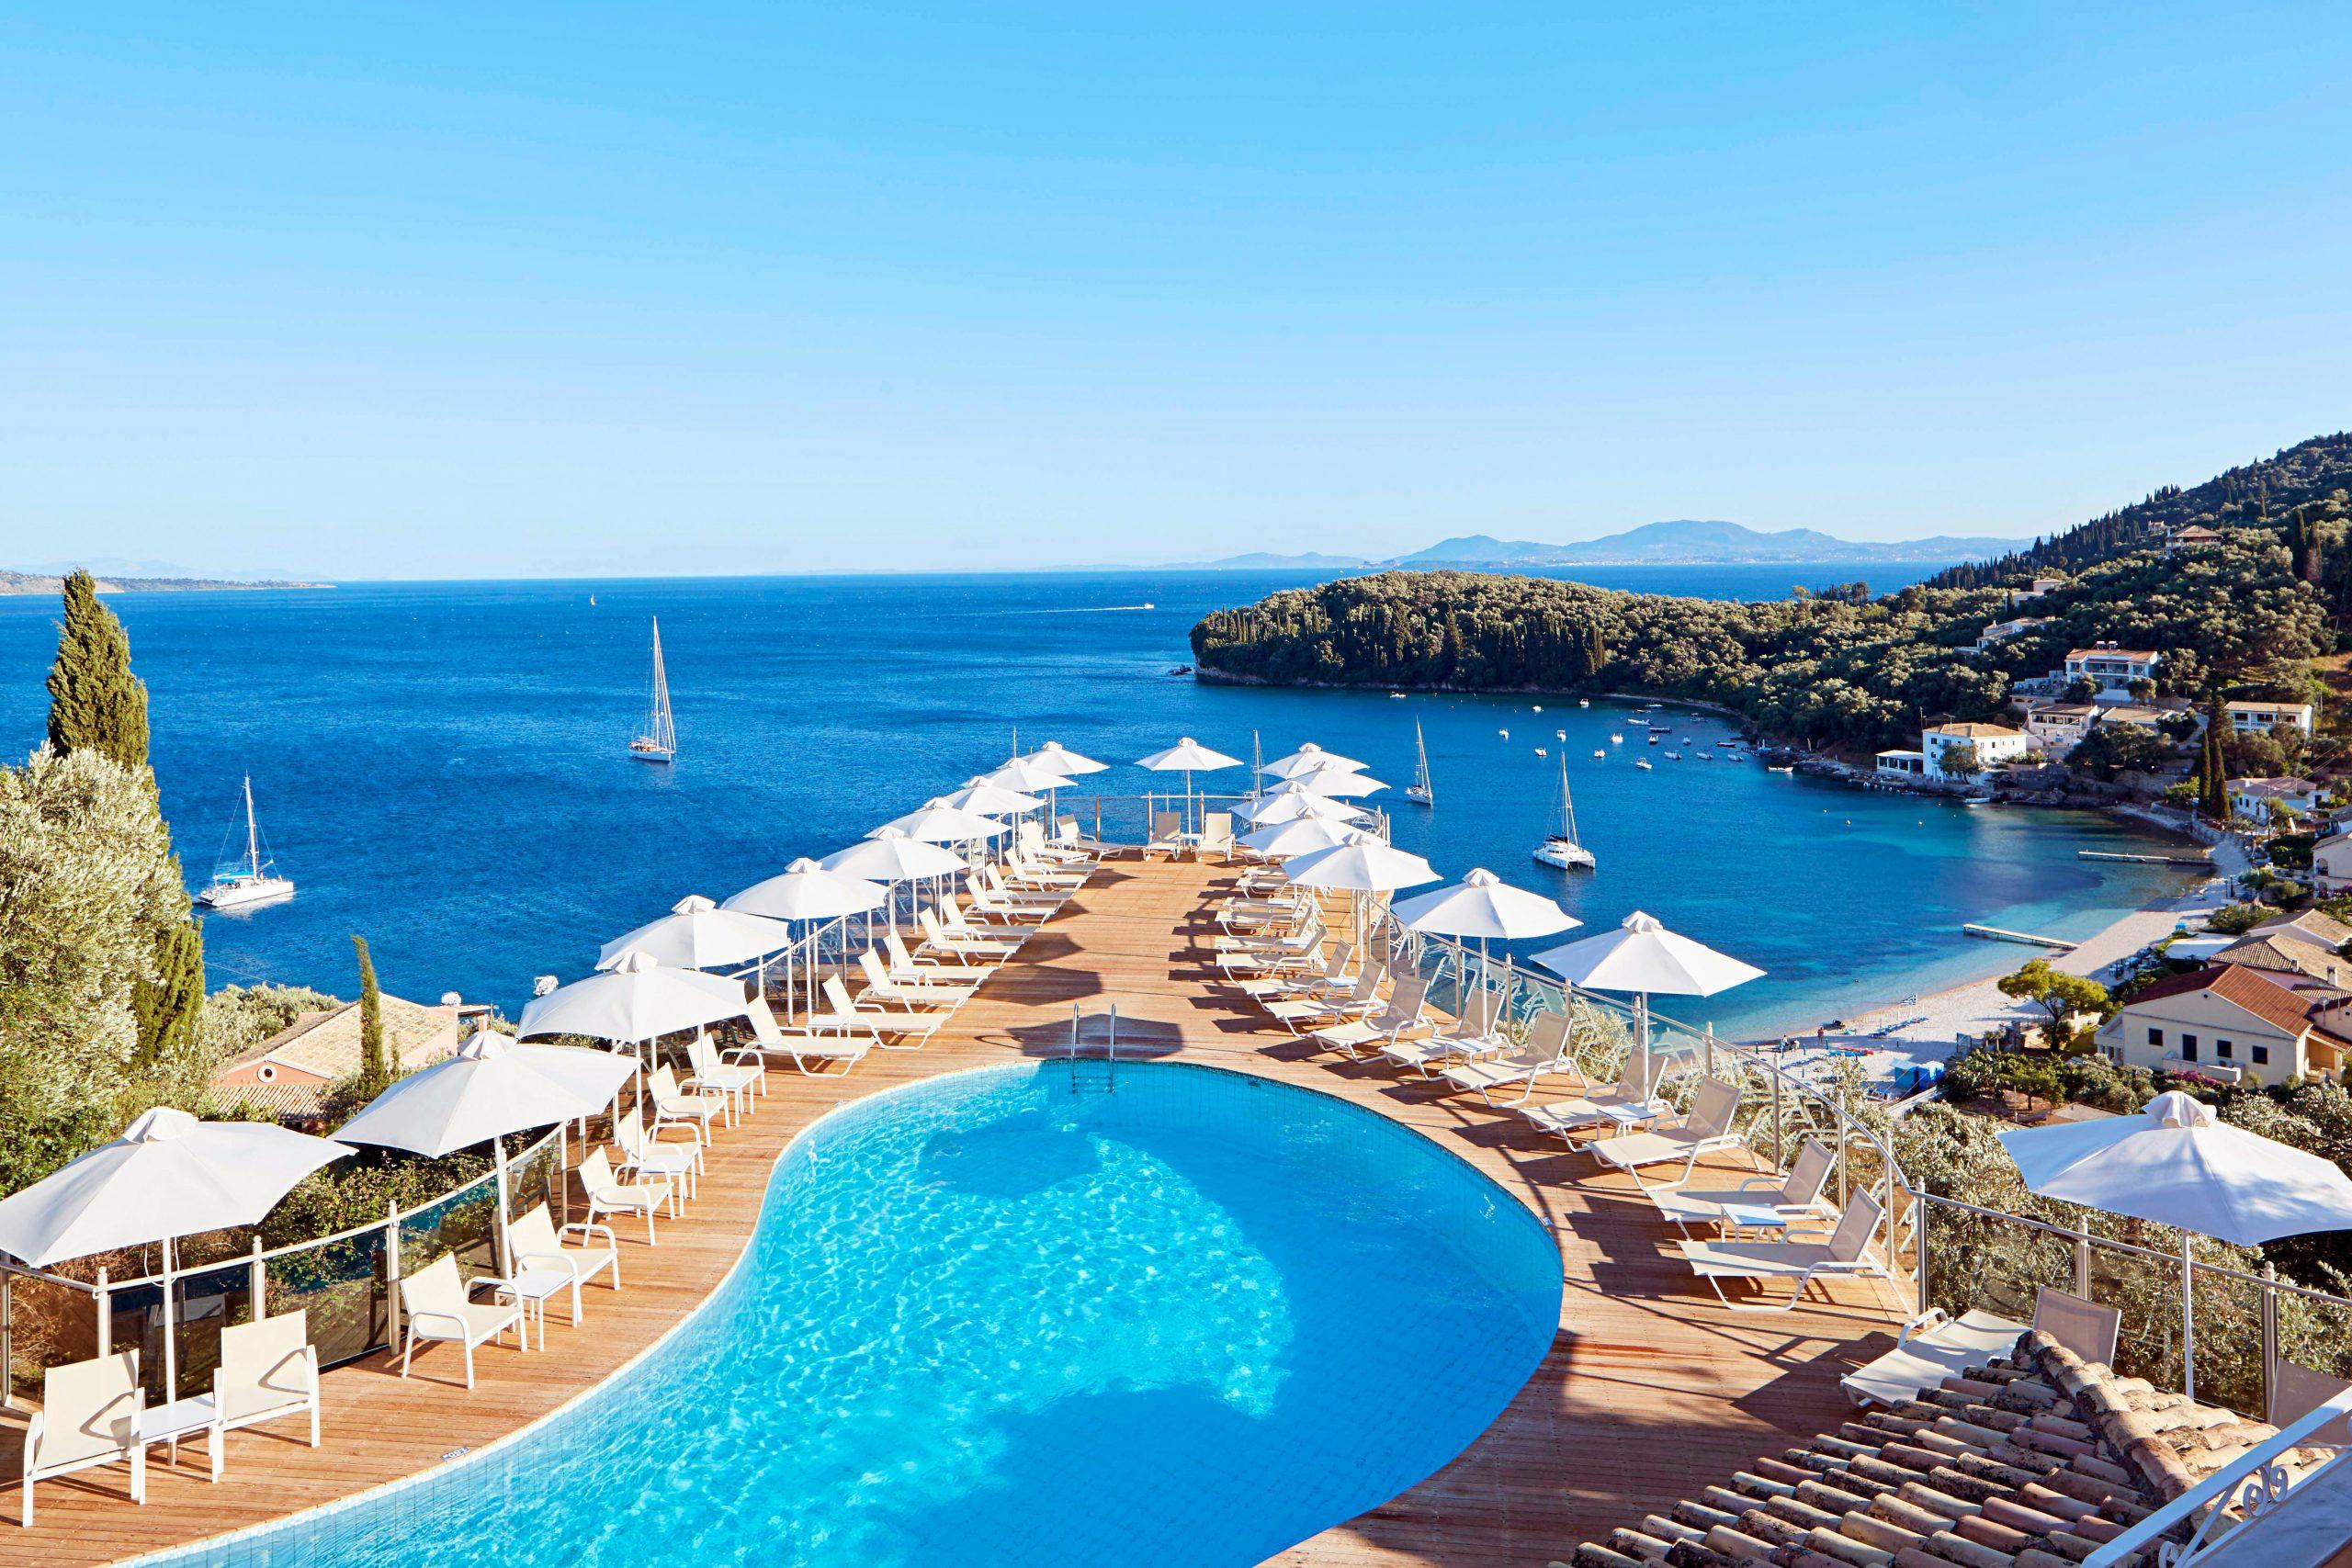 Nu kan der snart være danske turister på vej til Sydeuropa. For eksempel til San Antonio Corfu Resort, arkivpressefoto fra Spies.